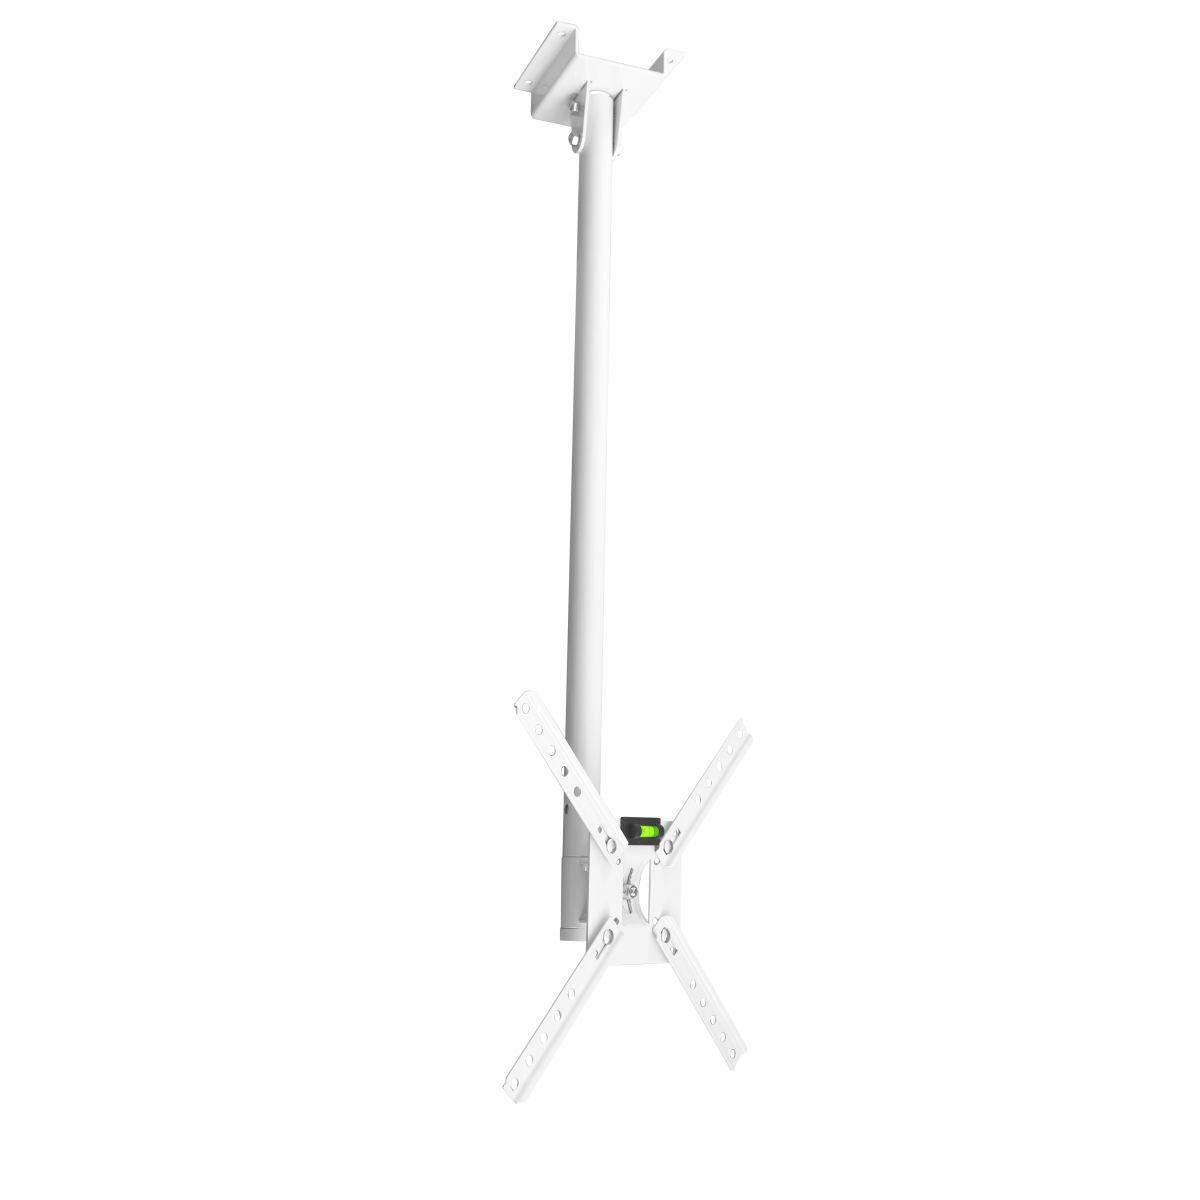 Suporte de teto Brasforma SBRP150B para TV Plasma/LCD de 10´ à 40´ Branco - giro 360º (braço reg. 80 cm)